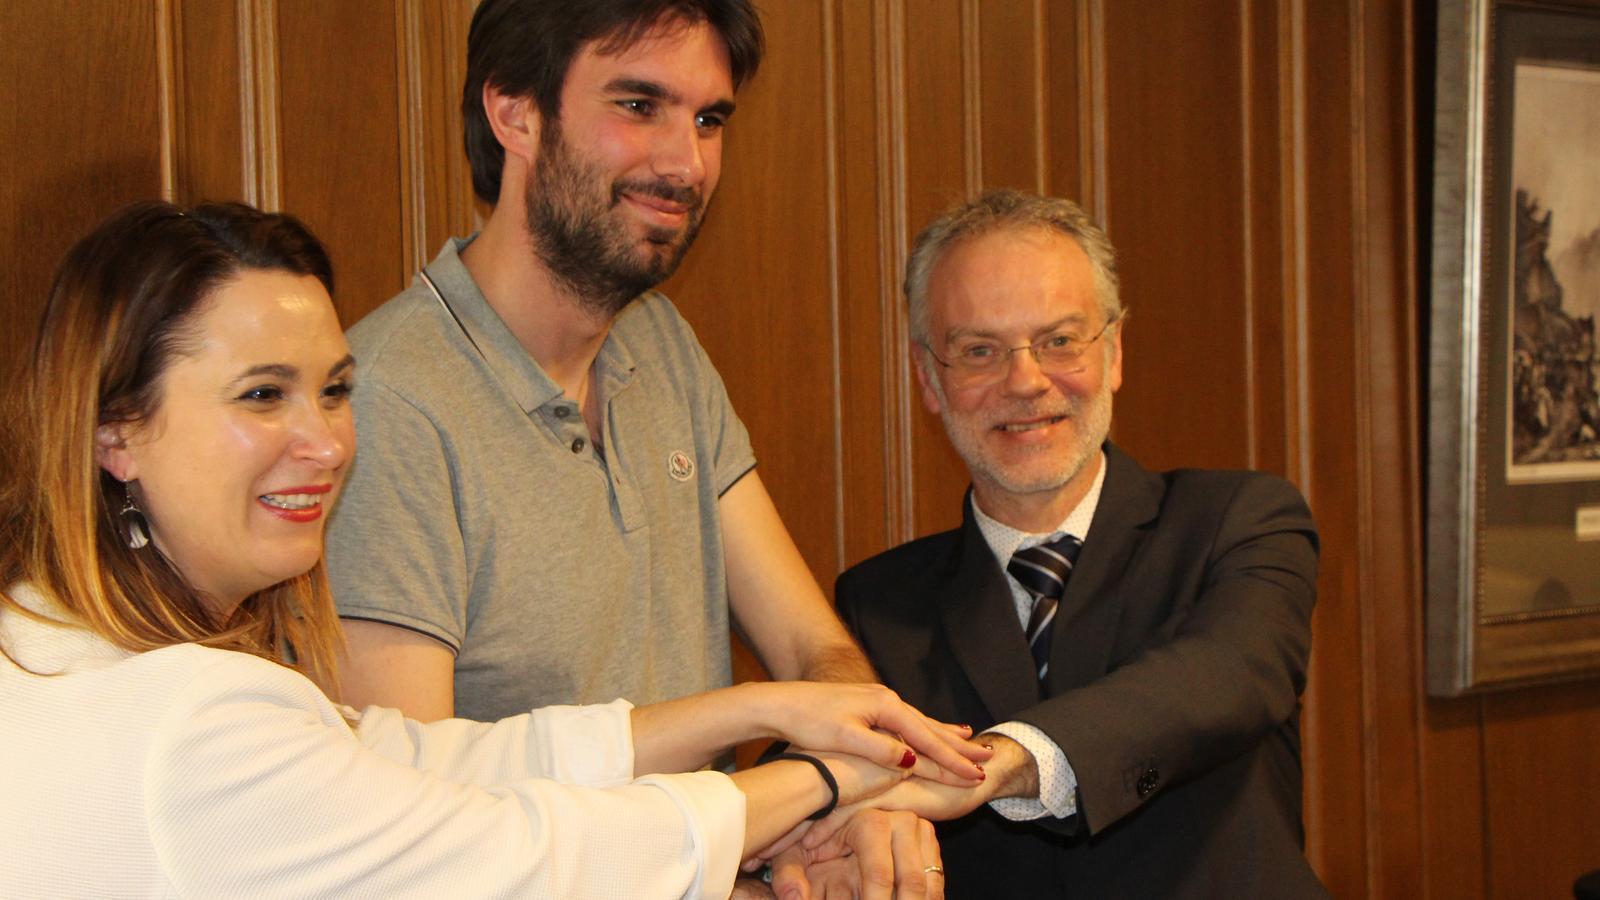 El conseller de Cultura de Sant Julià, Josep Roig; la consellera de Cultura de la Massana, Jael Pozo, i el representant d'Andorra Lírica, Guillem Forné, celebren la formalització del conveni. / M. R. F.